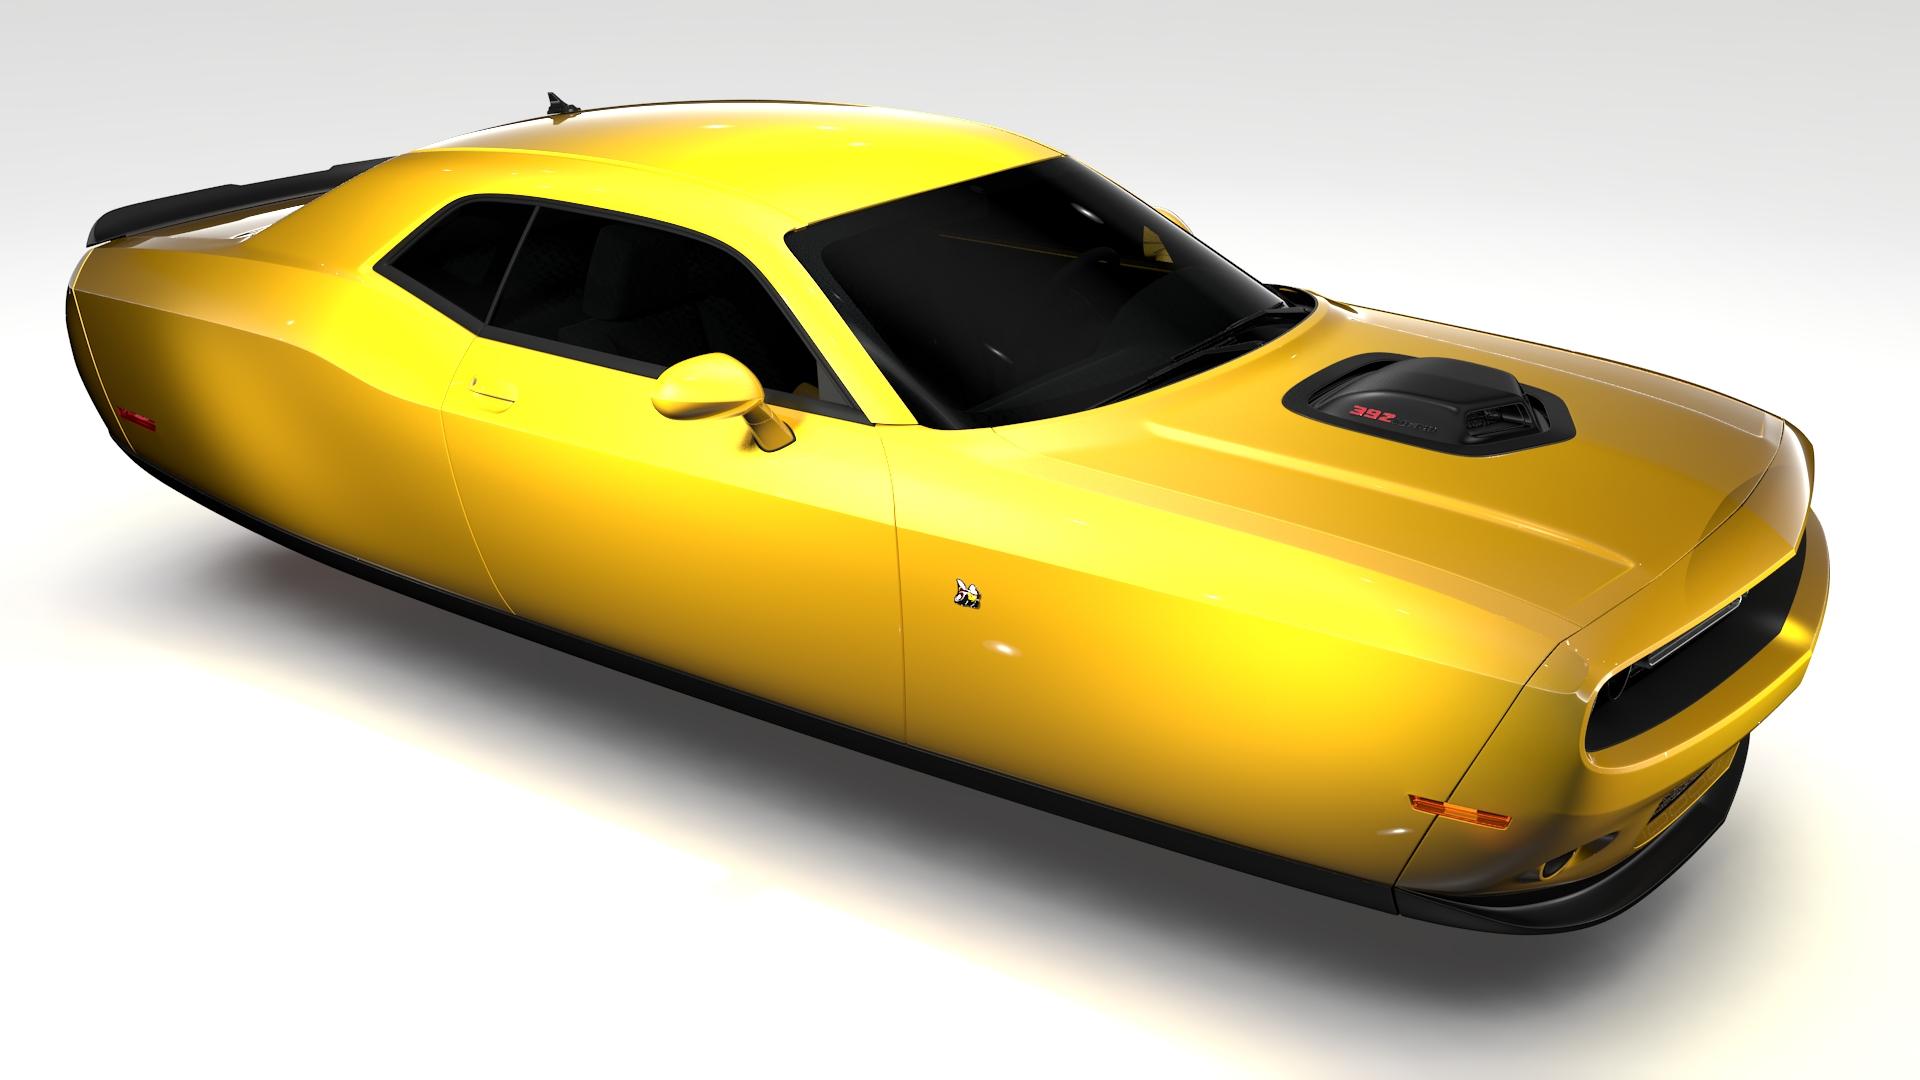 Dodge Challenger 392 shaker (lc) 2016 yn hedfan model 3d 3ds max fbx c4d ar gyfer yr hrc xsi obj 220603